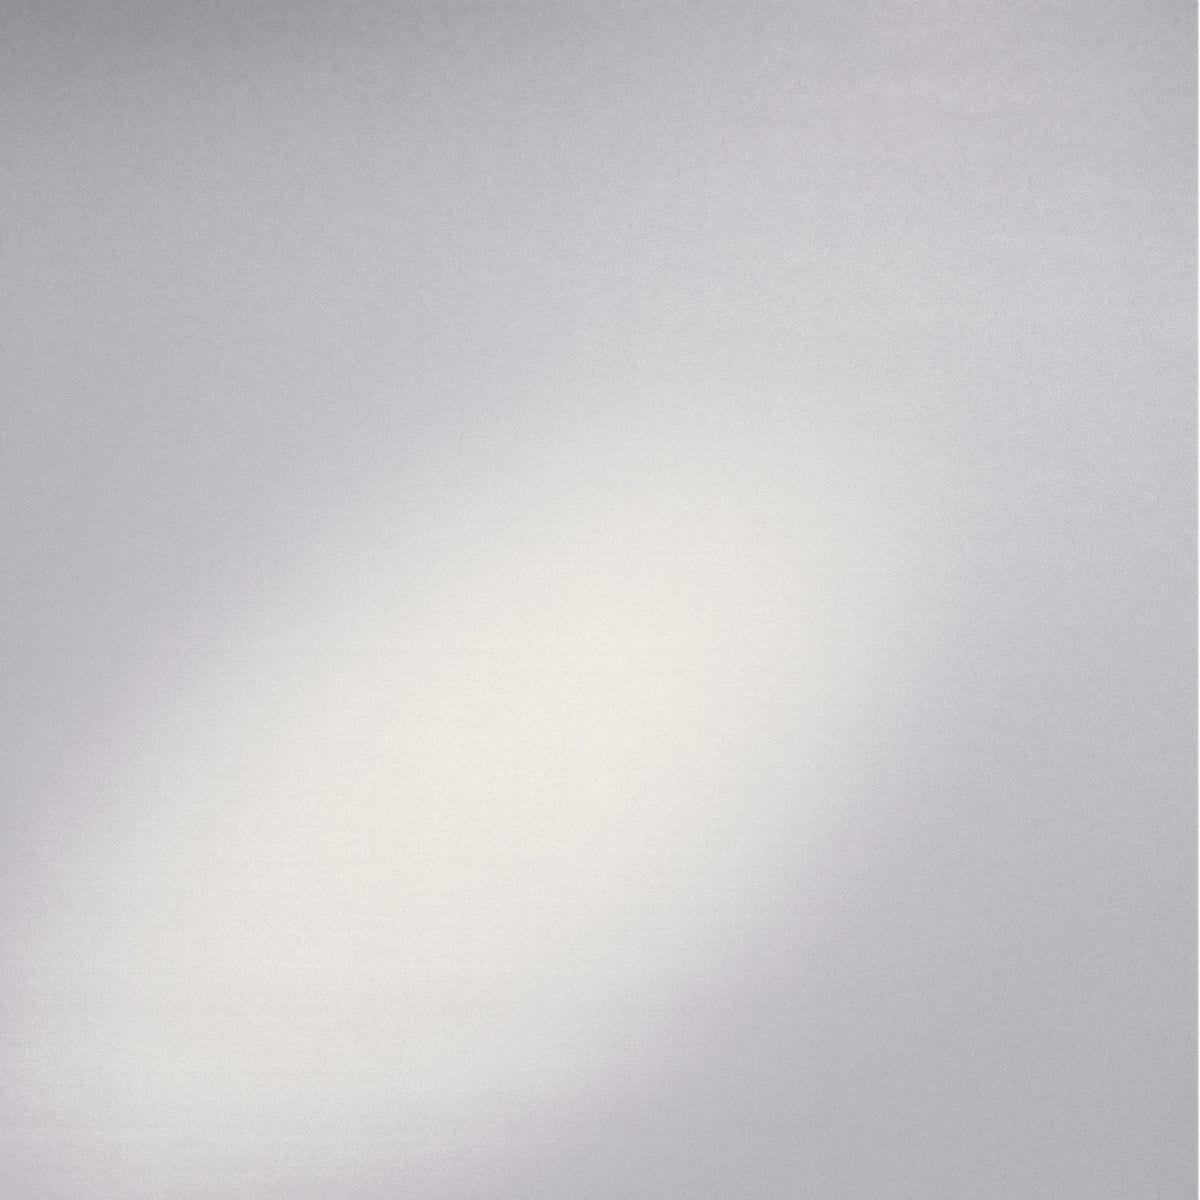 D-C-Fix 1.5m Static Cling Film - Frost